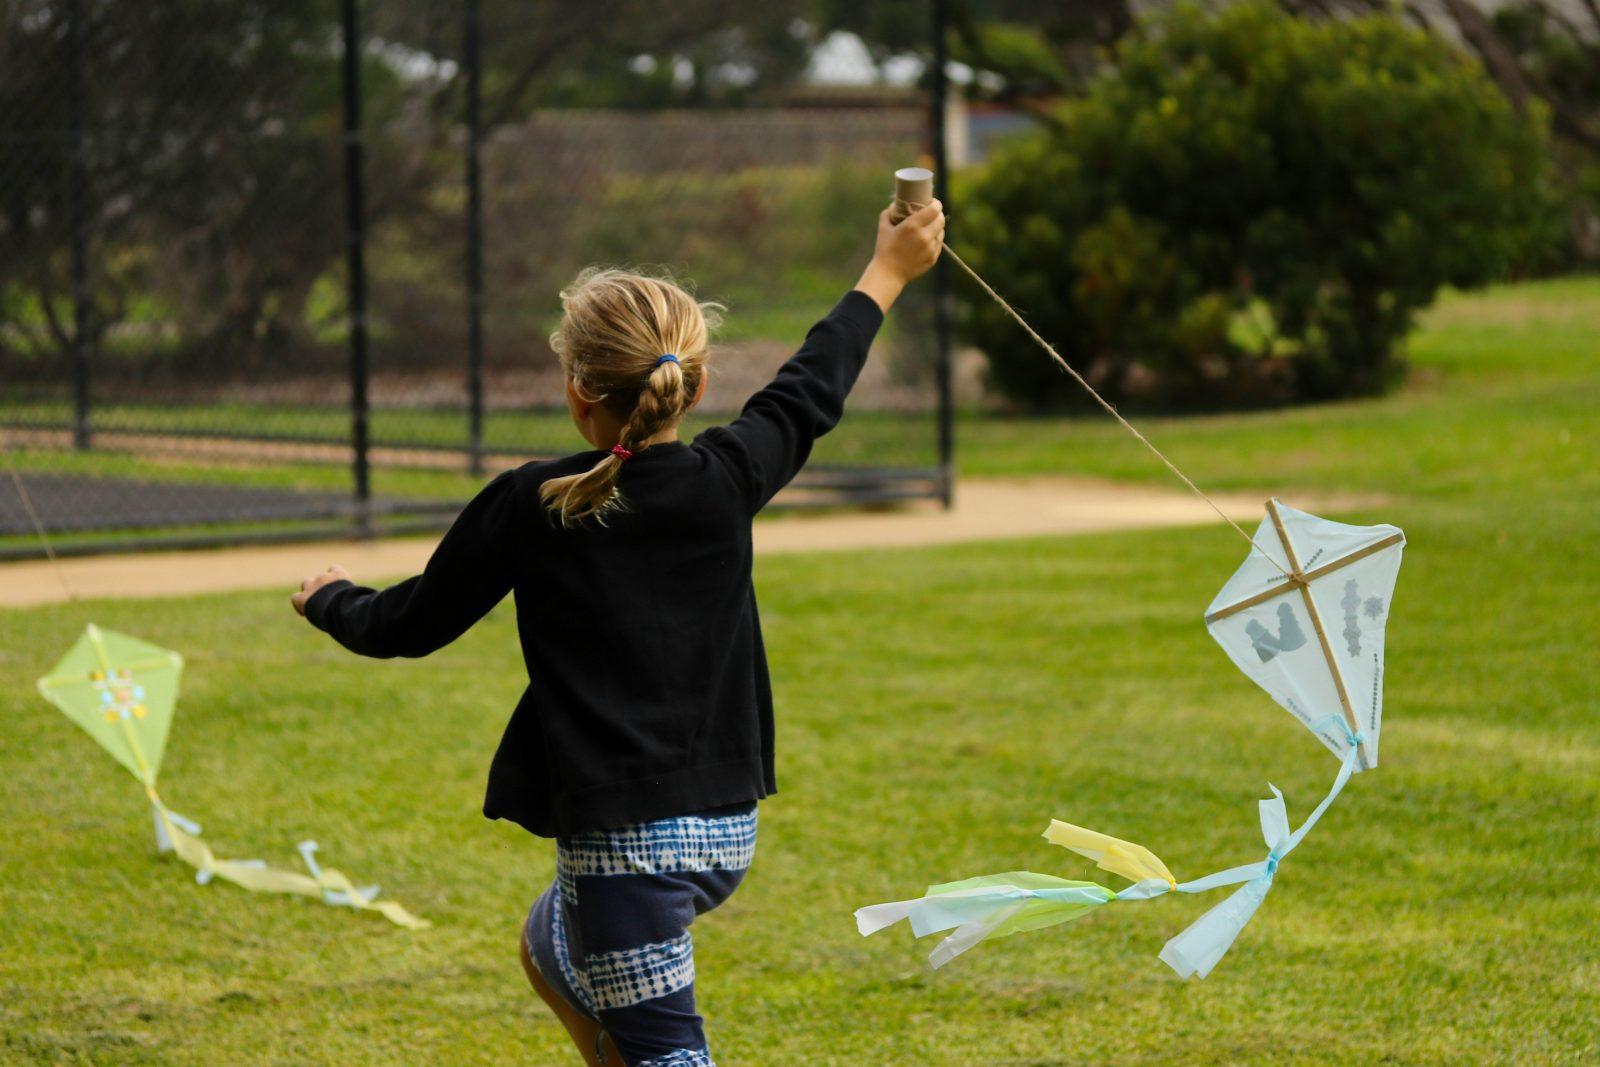 Children's kite making at Prom Coast Festival